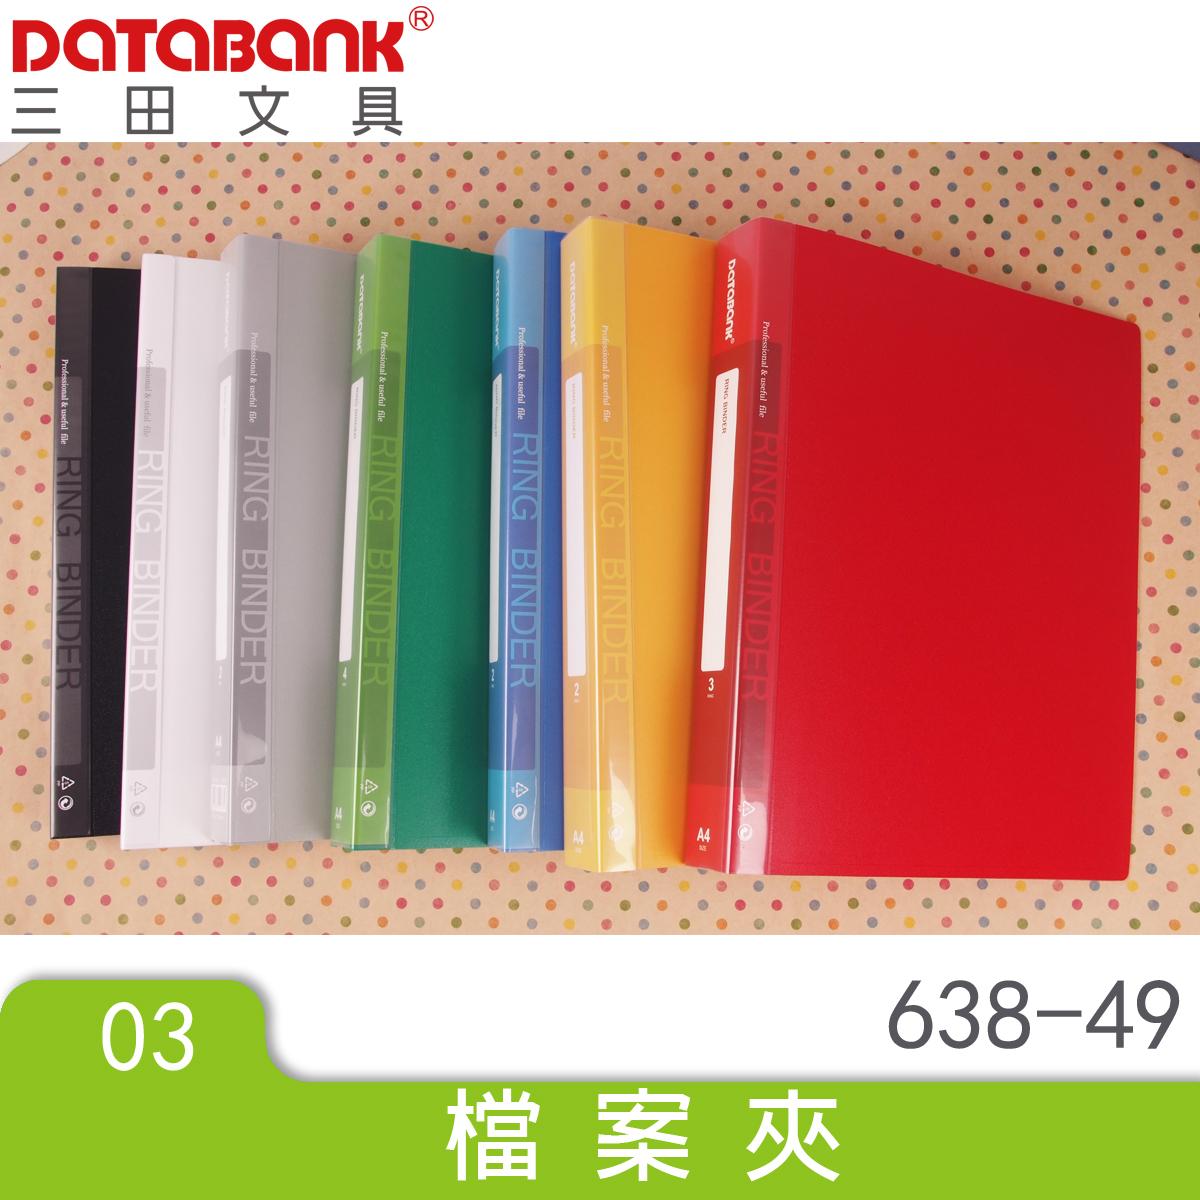 標準資料夾 小3孔夾 (638-49) 多色可選 文件資料夾 文書收納夾 型錄收納夾 資料歸檔專家 DATABANK